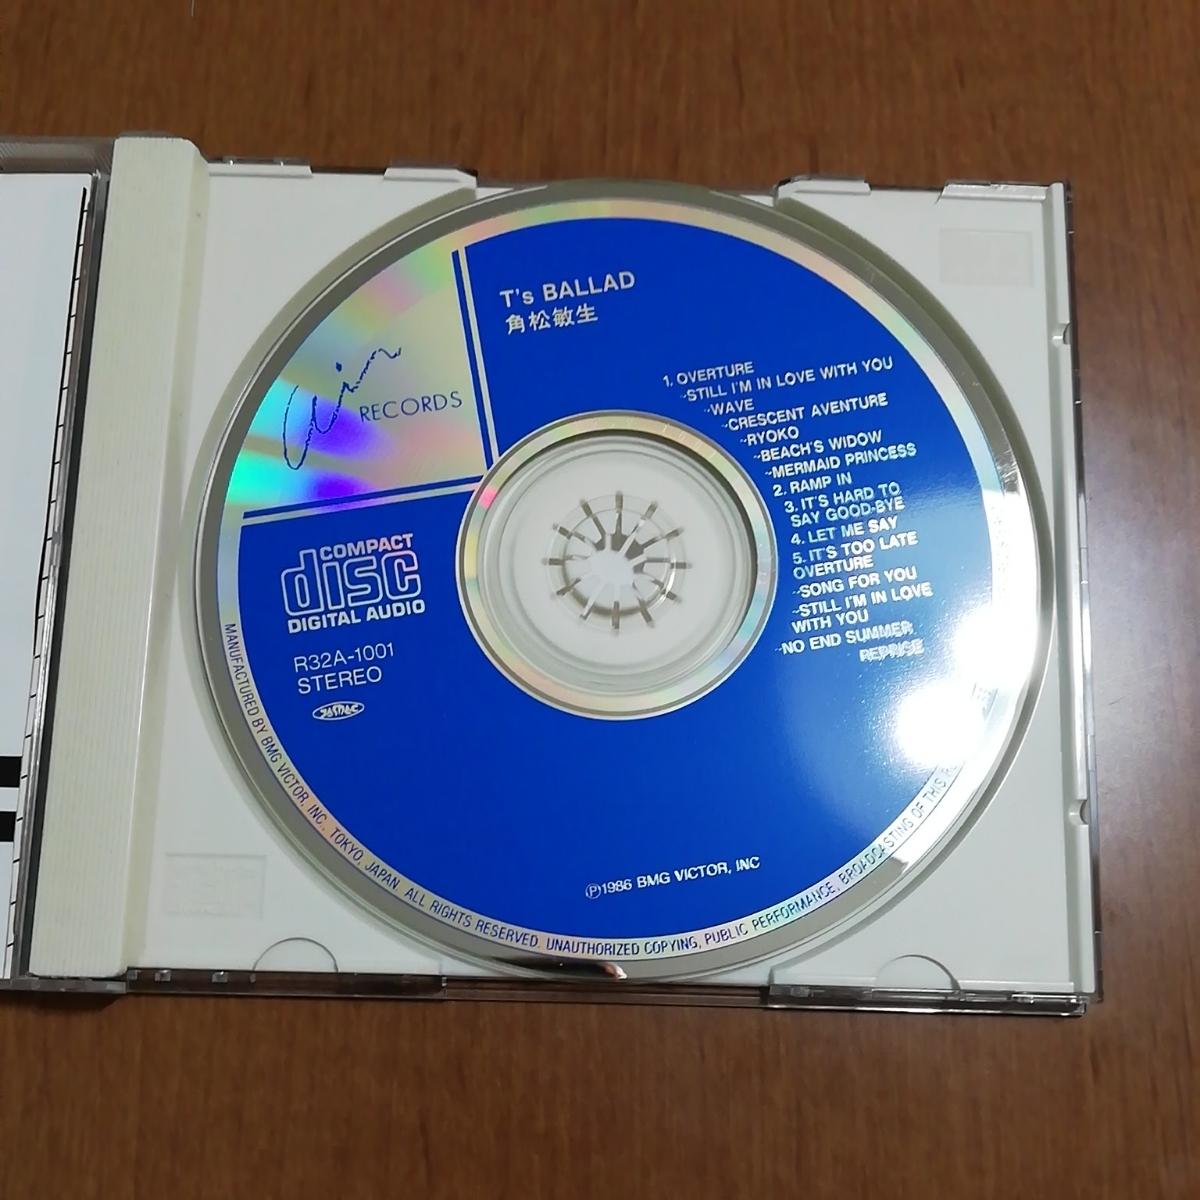 中古CD T's BALLAD 角松敏生_画像2